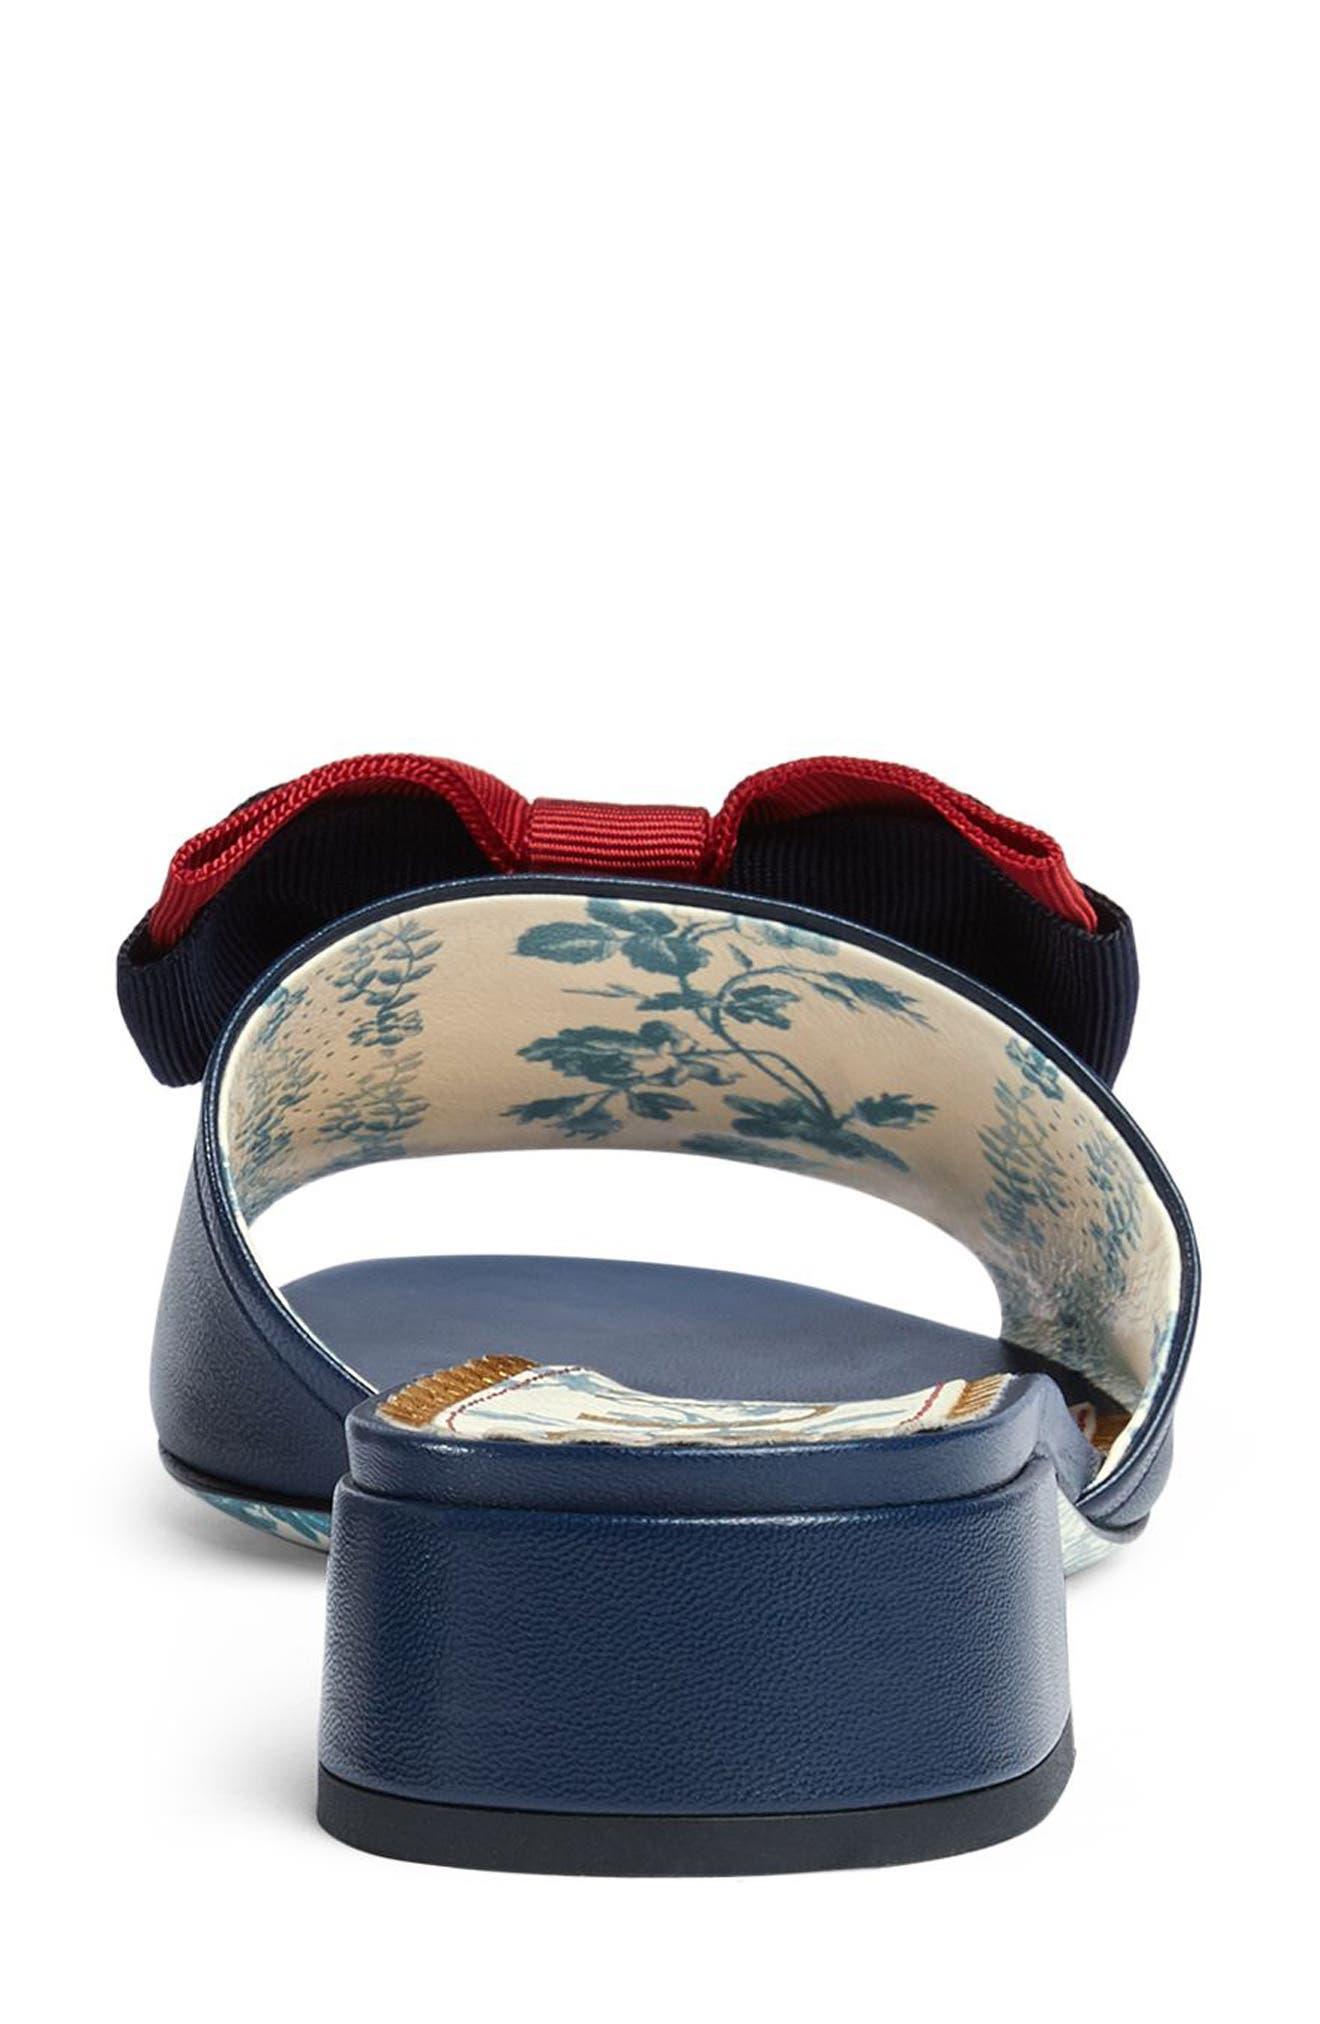 Sackville Bow Sandal,                             Alternate thumbnail 5, color,                             Blue/ Red